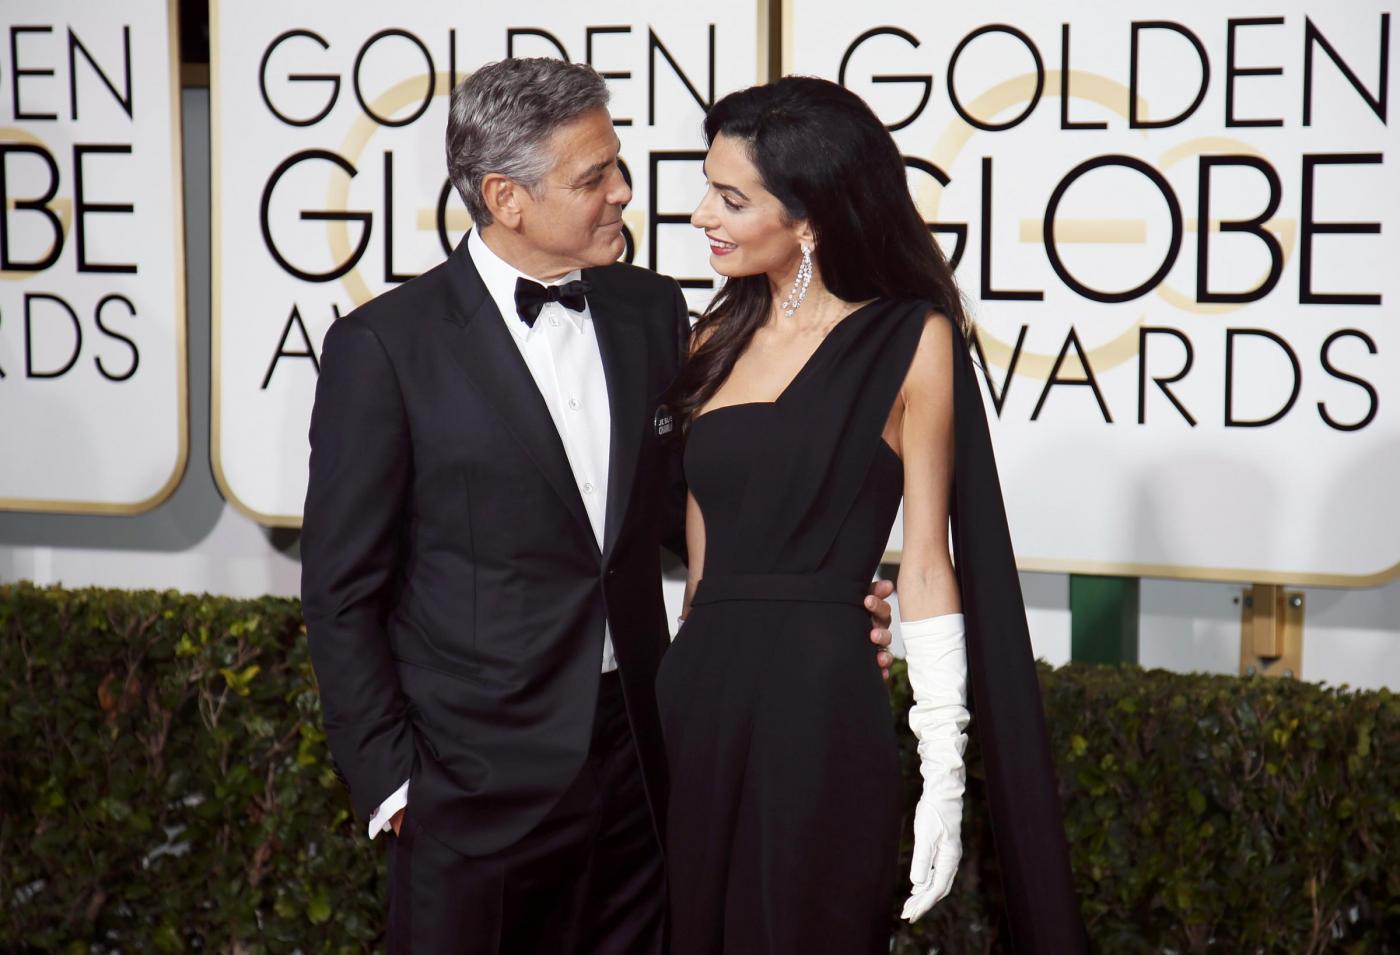 George Clooney ai Golden Globes 2015: dall'attore una dichiarazione d'amore per la moglie Amal Alamuddin